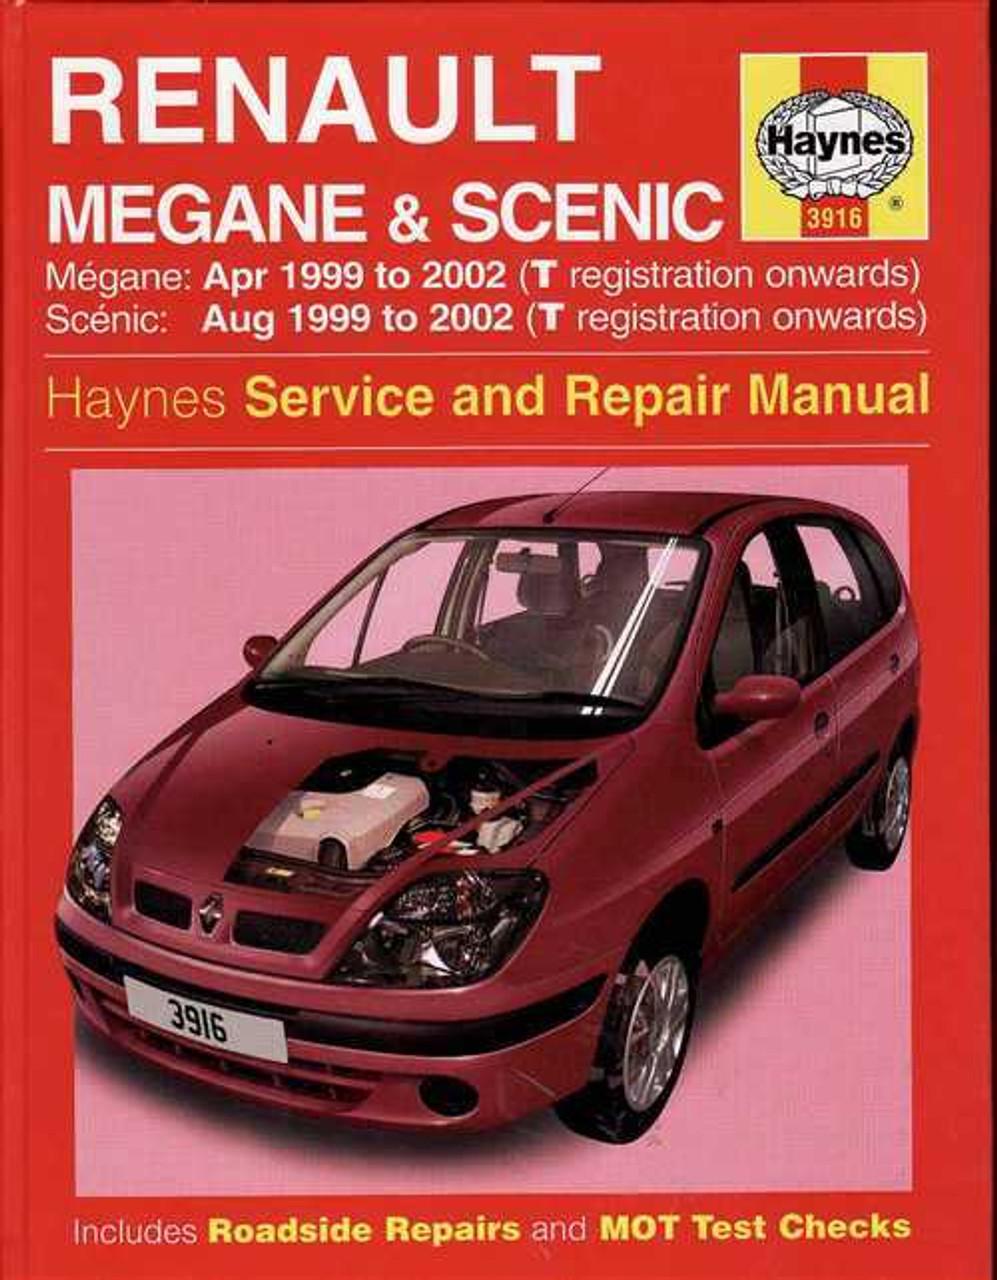 renault scenic rx4 repair manual open source user manual u2022 rh dramatic varieties com Renault Grand Scenic 2006 Renault Scenic